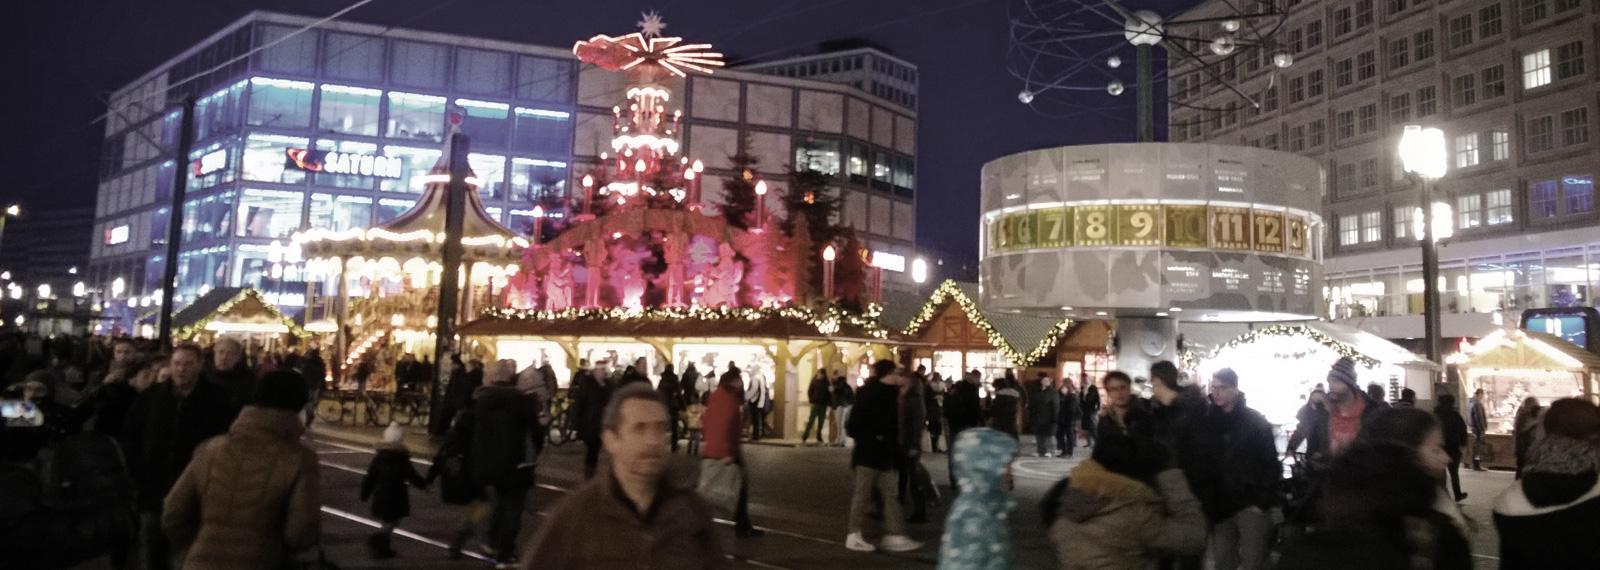 Weihnachten 2019 Berlin.Advent Weihnachten Berlin 2019 Crowne Plaza Berlin City Centre